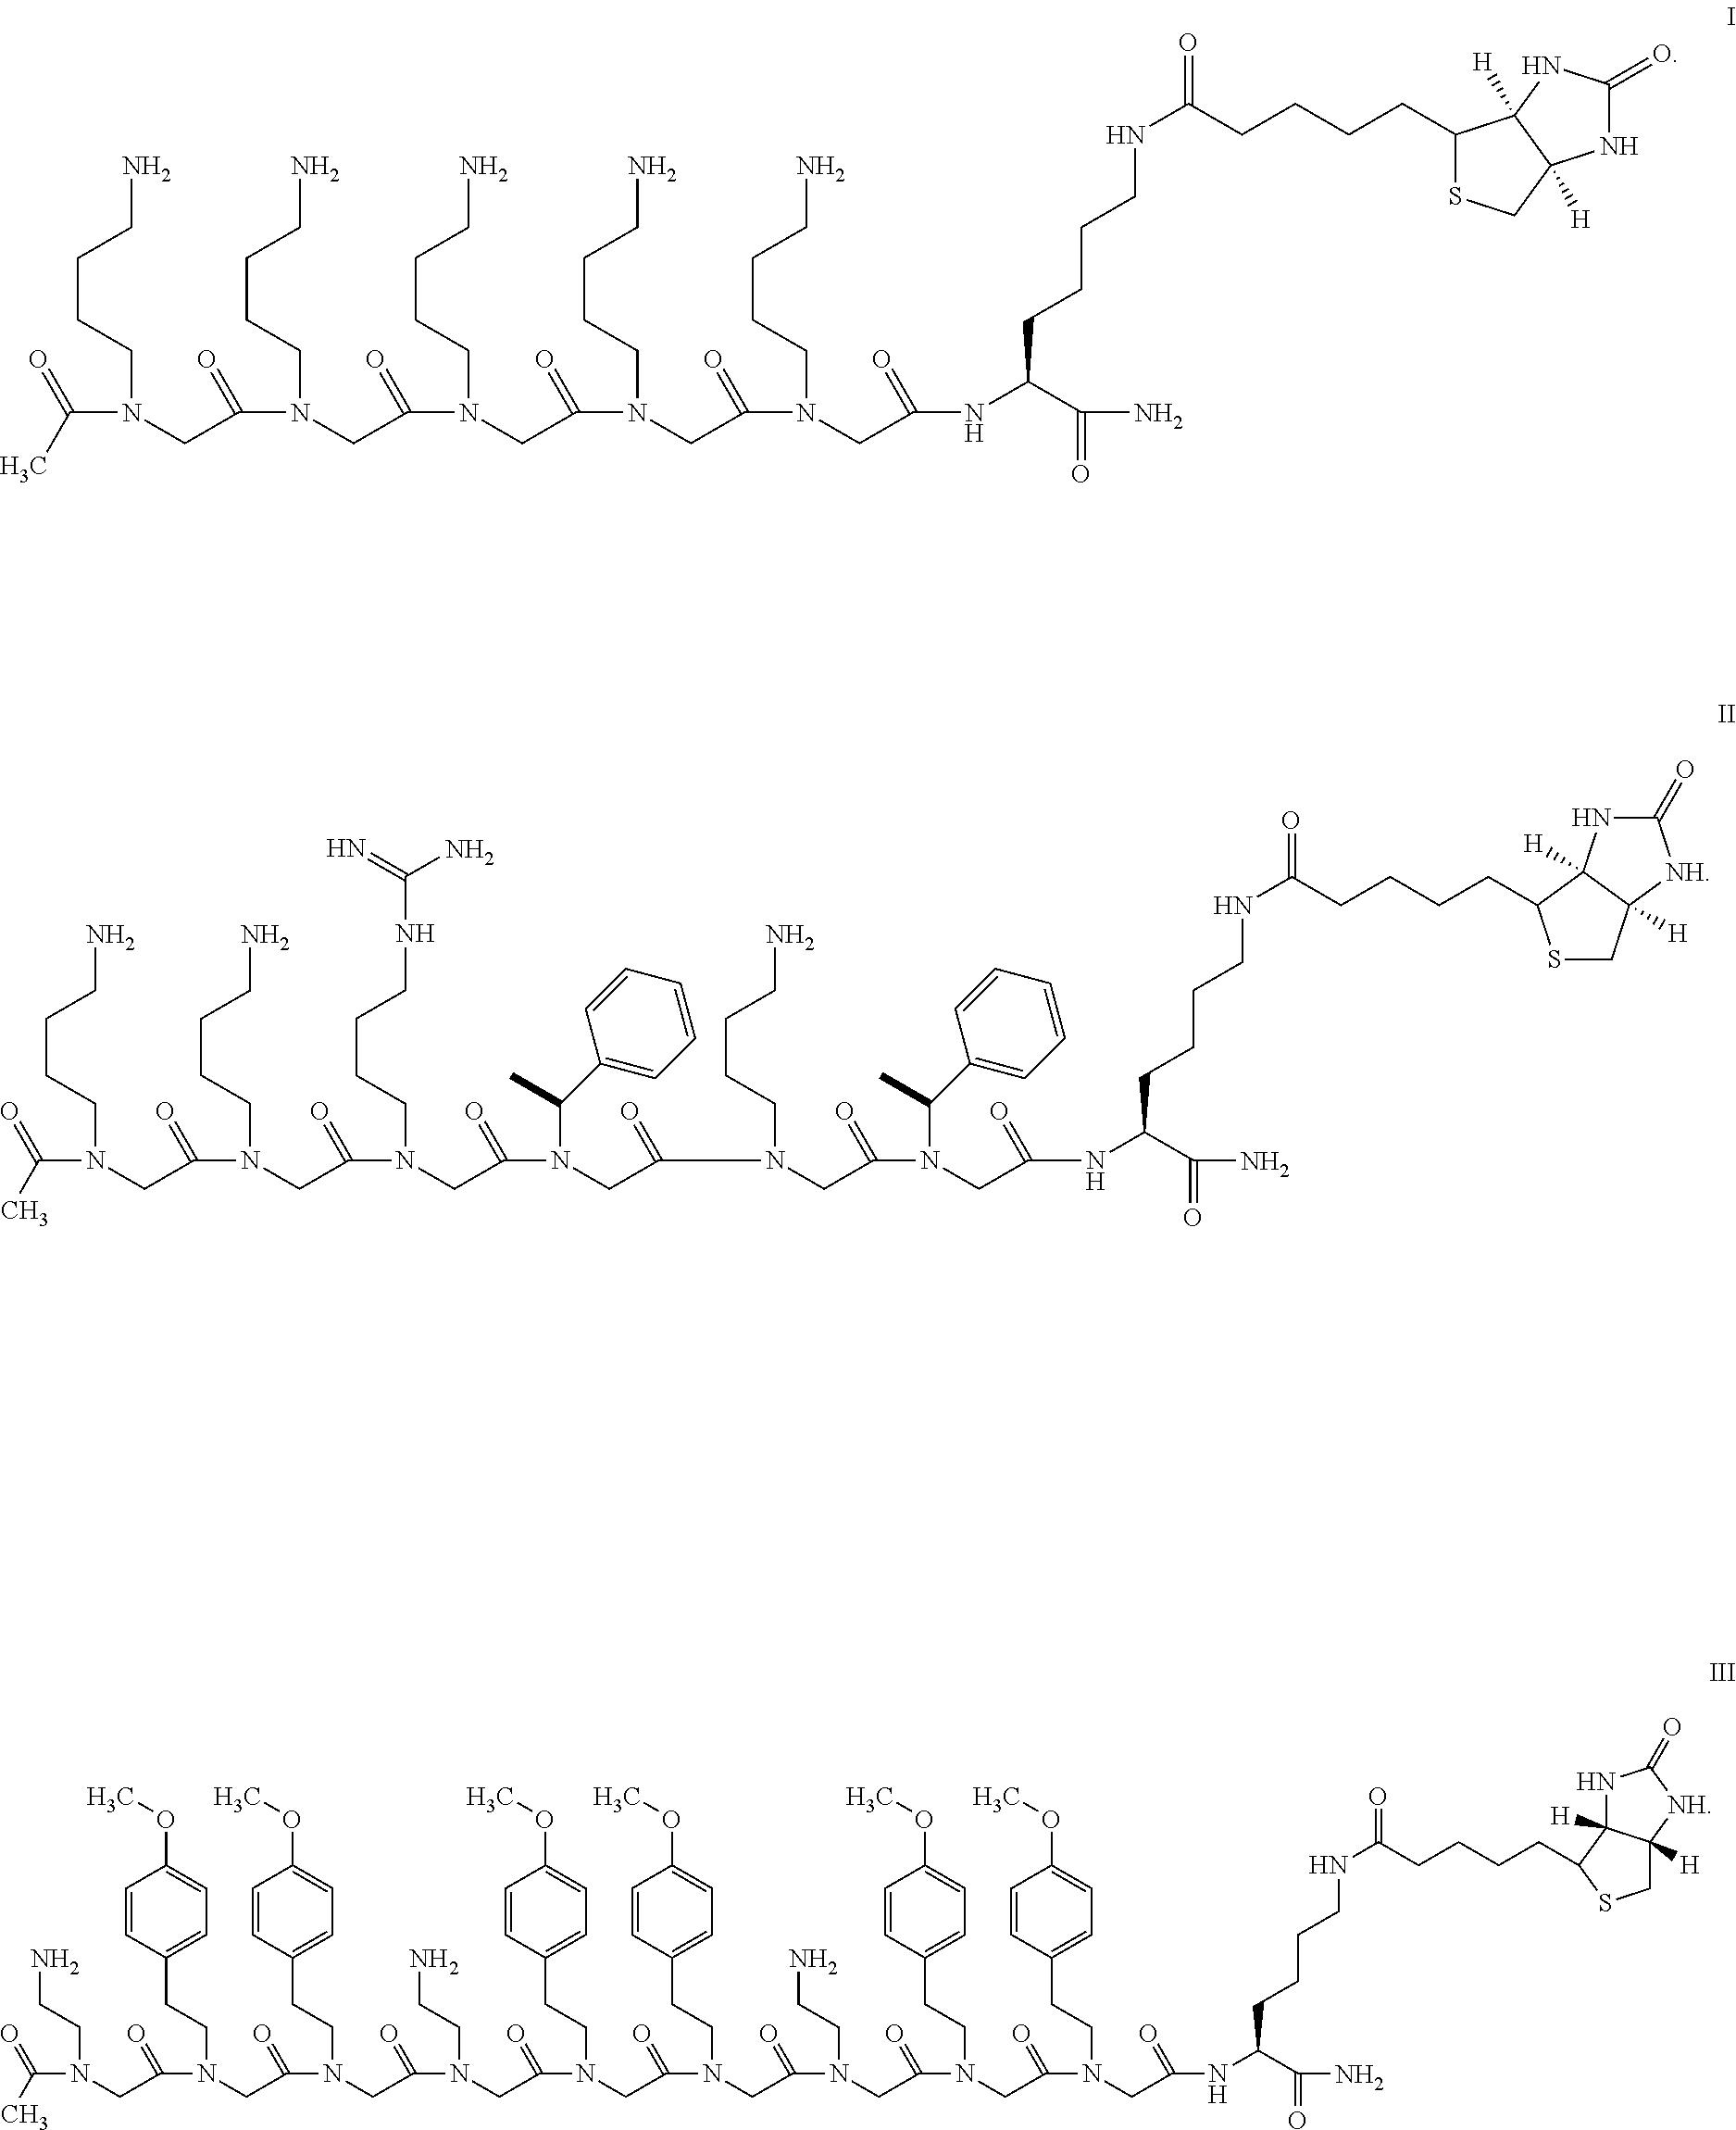 Figure US20110189692A1-20110804-C00037